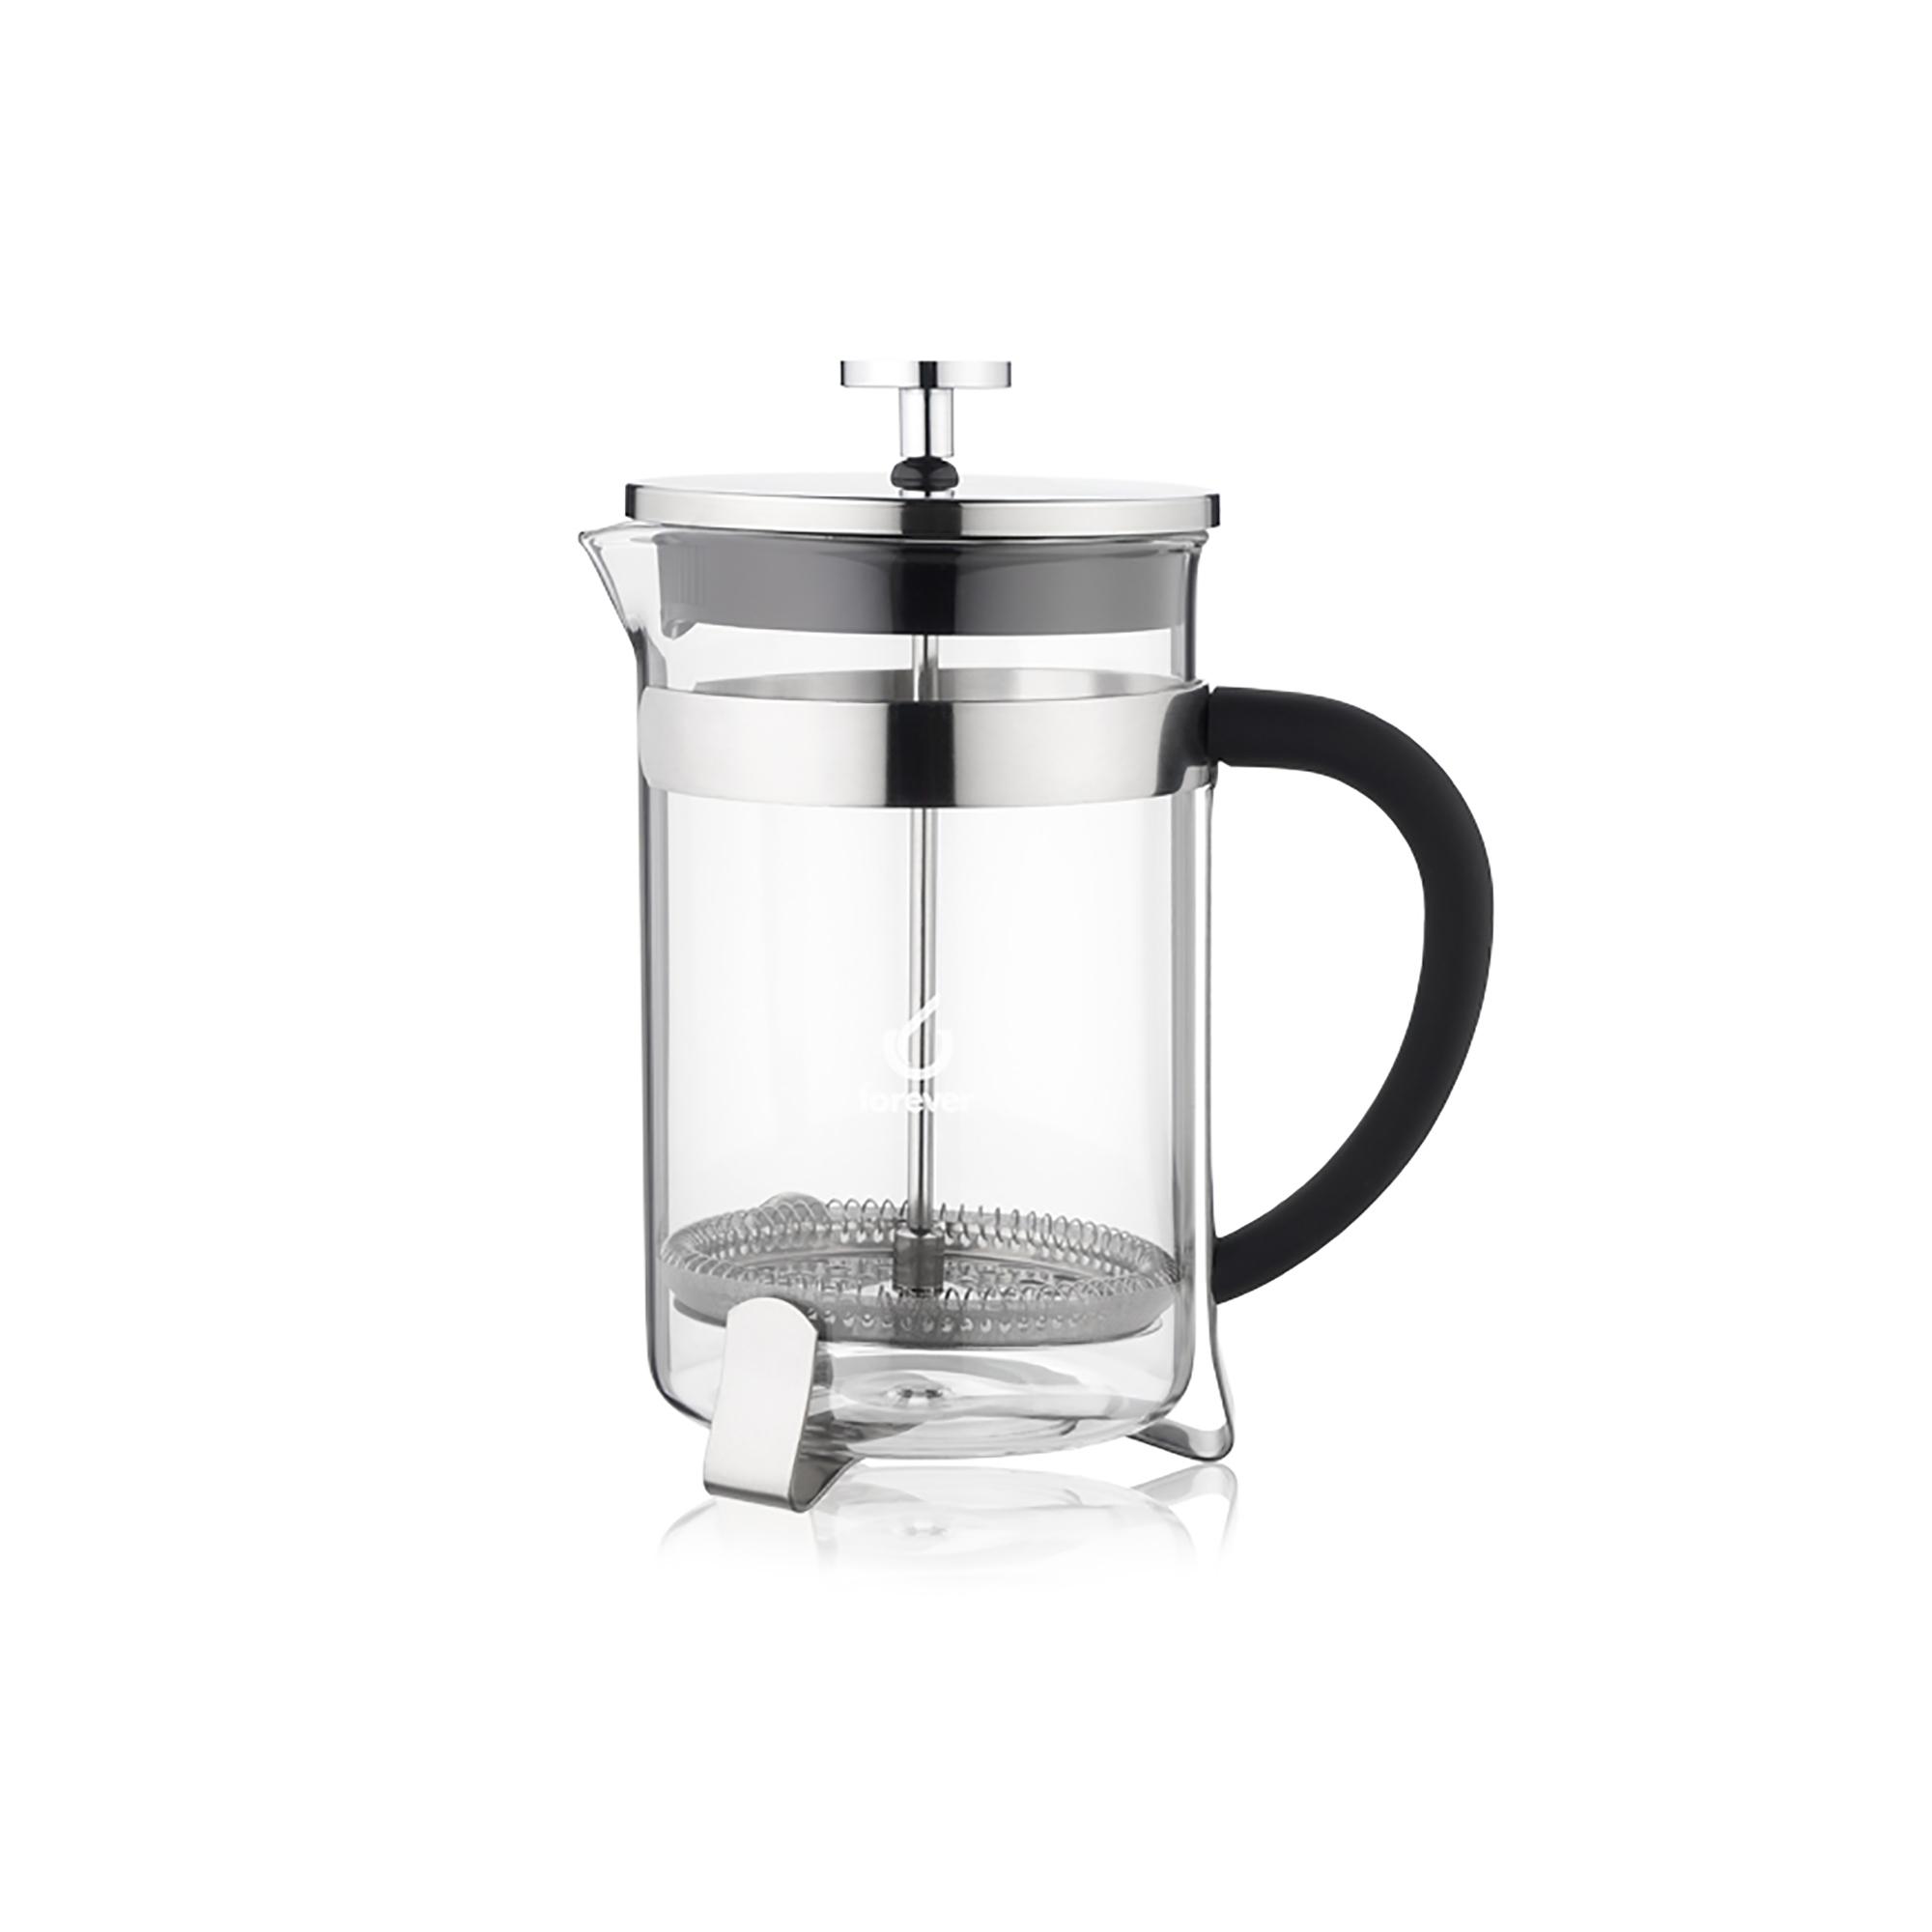 Kaffe- og tebrygger 3 kopper